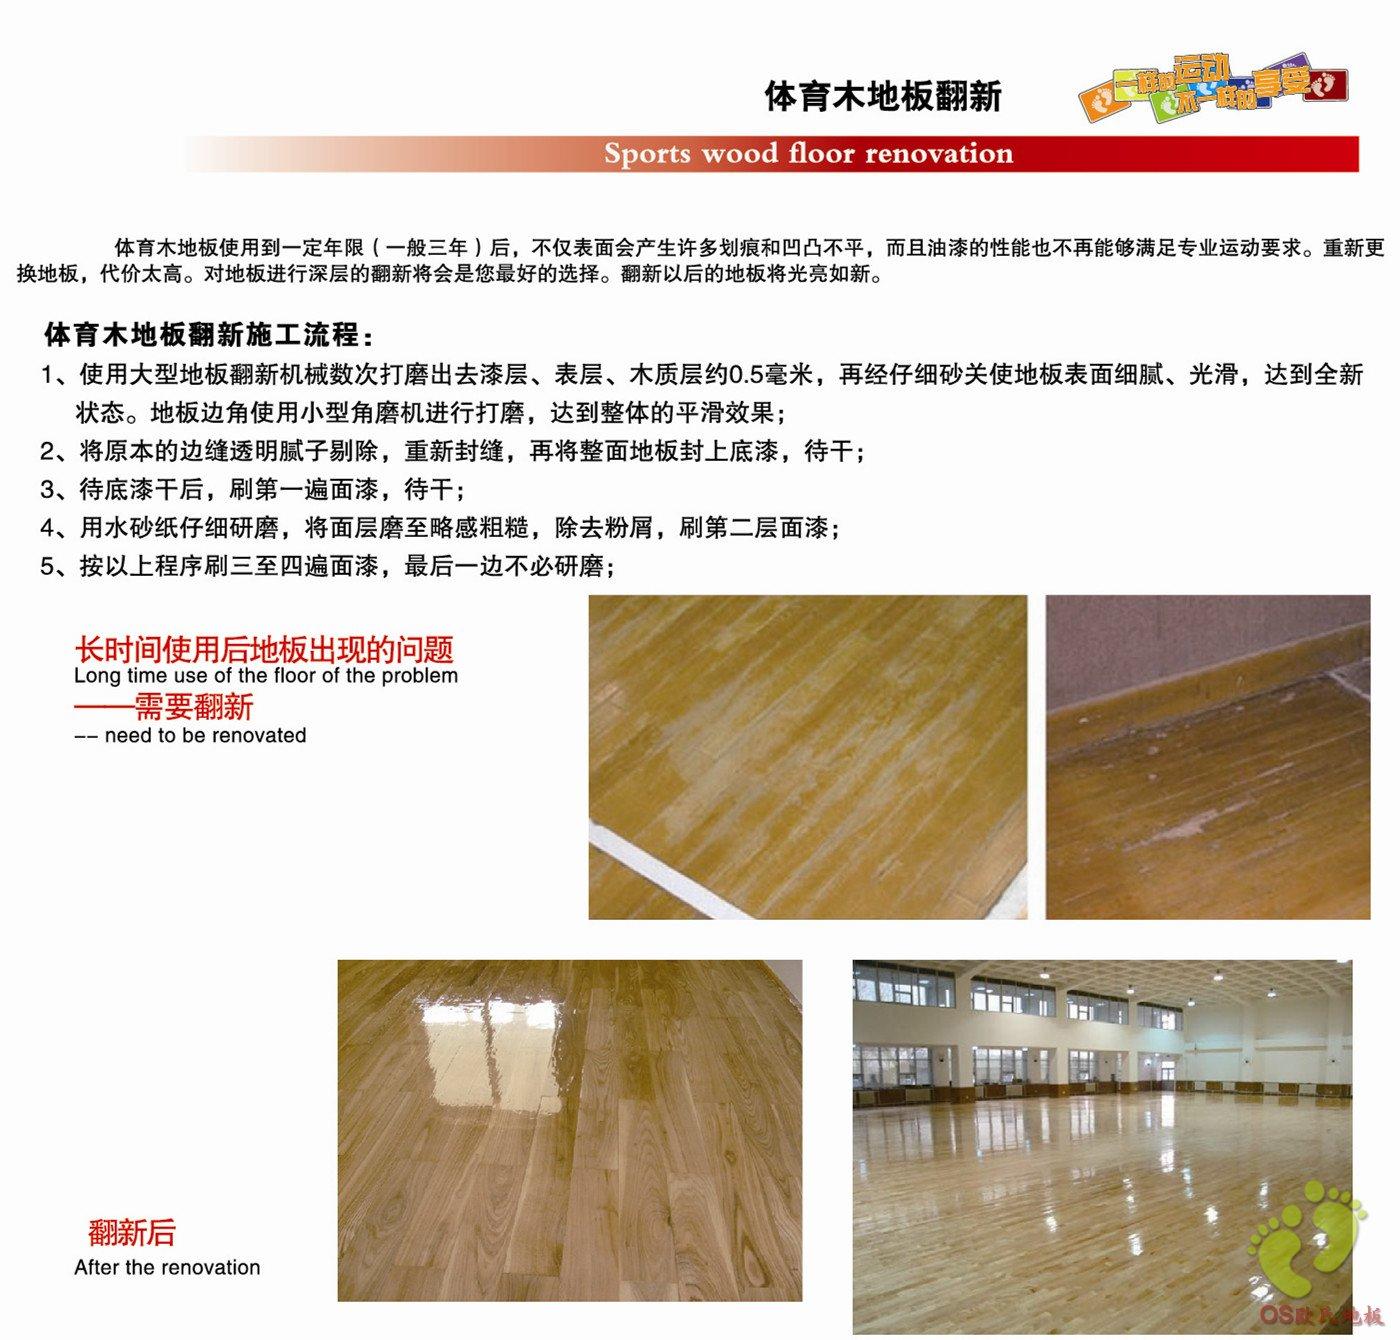 体育木地板翻新及上漆